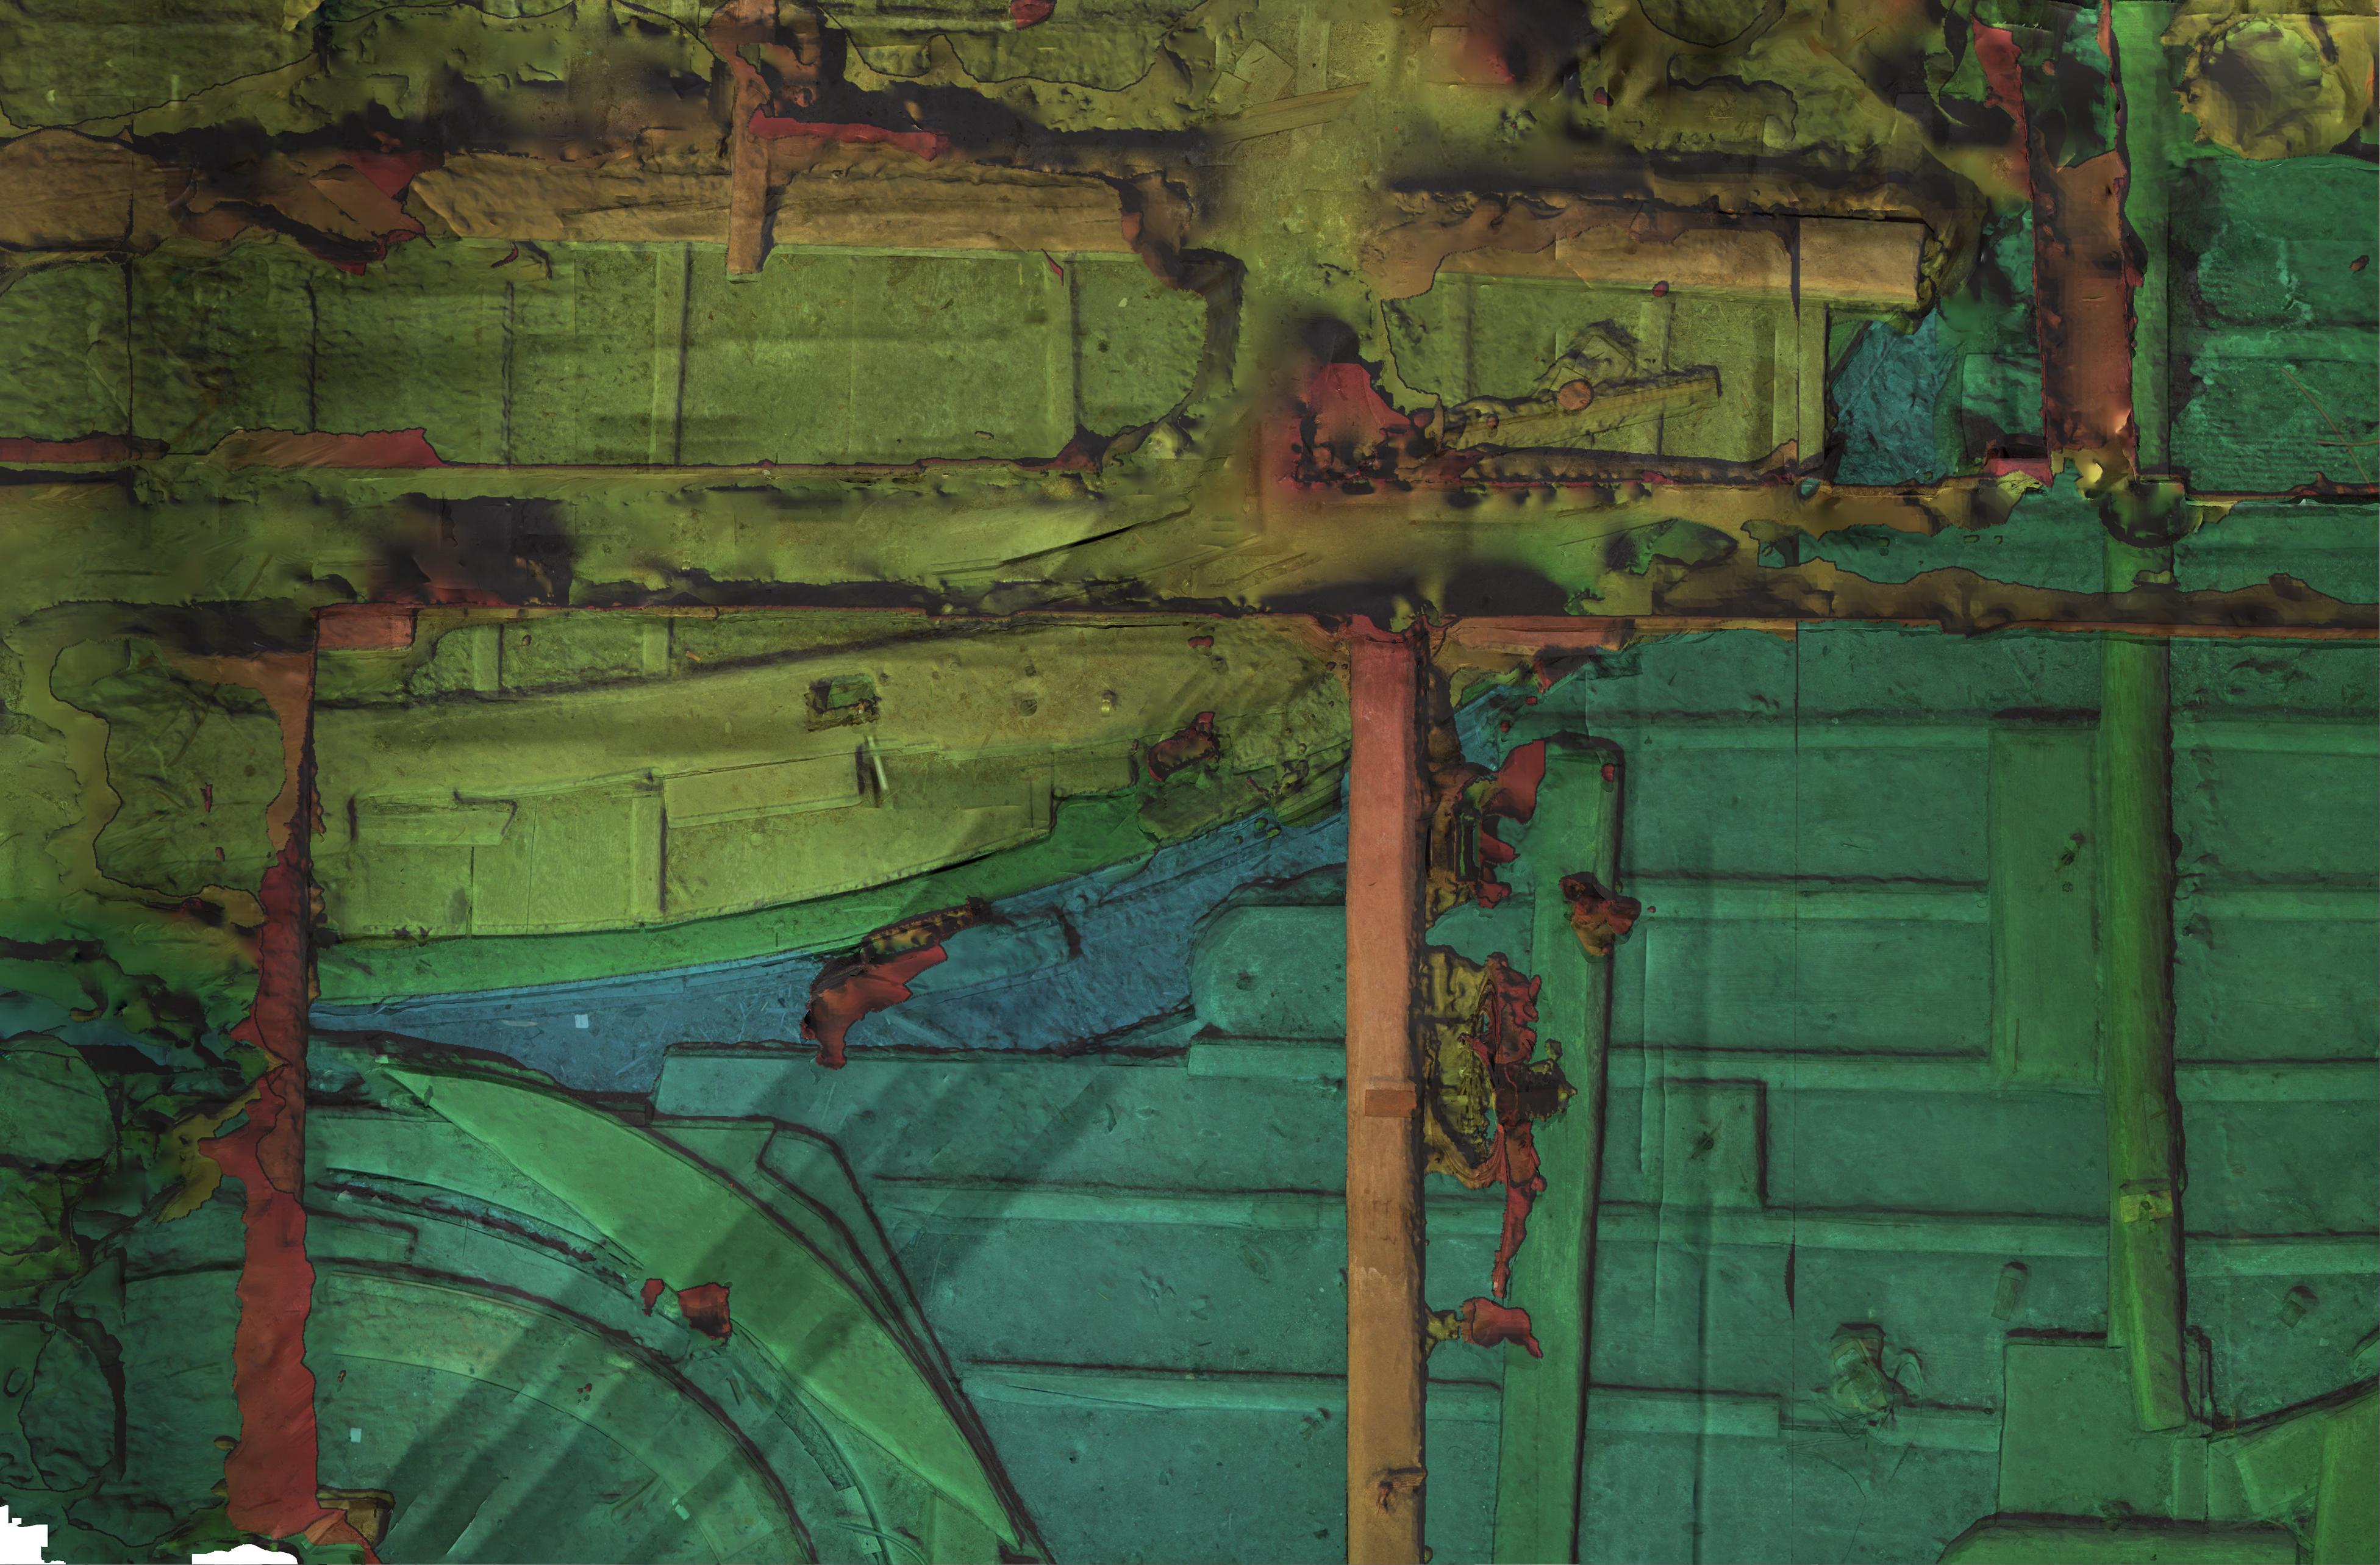 Rilievo fotogrammetrico soffitta Palazzo Ducale di Venezia  DEM del piano orizzontale (livello -1)